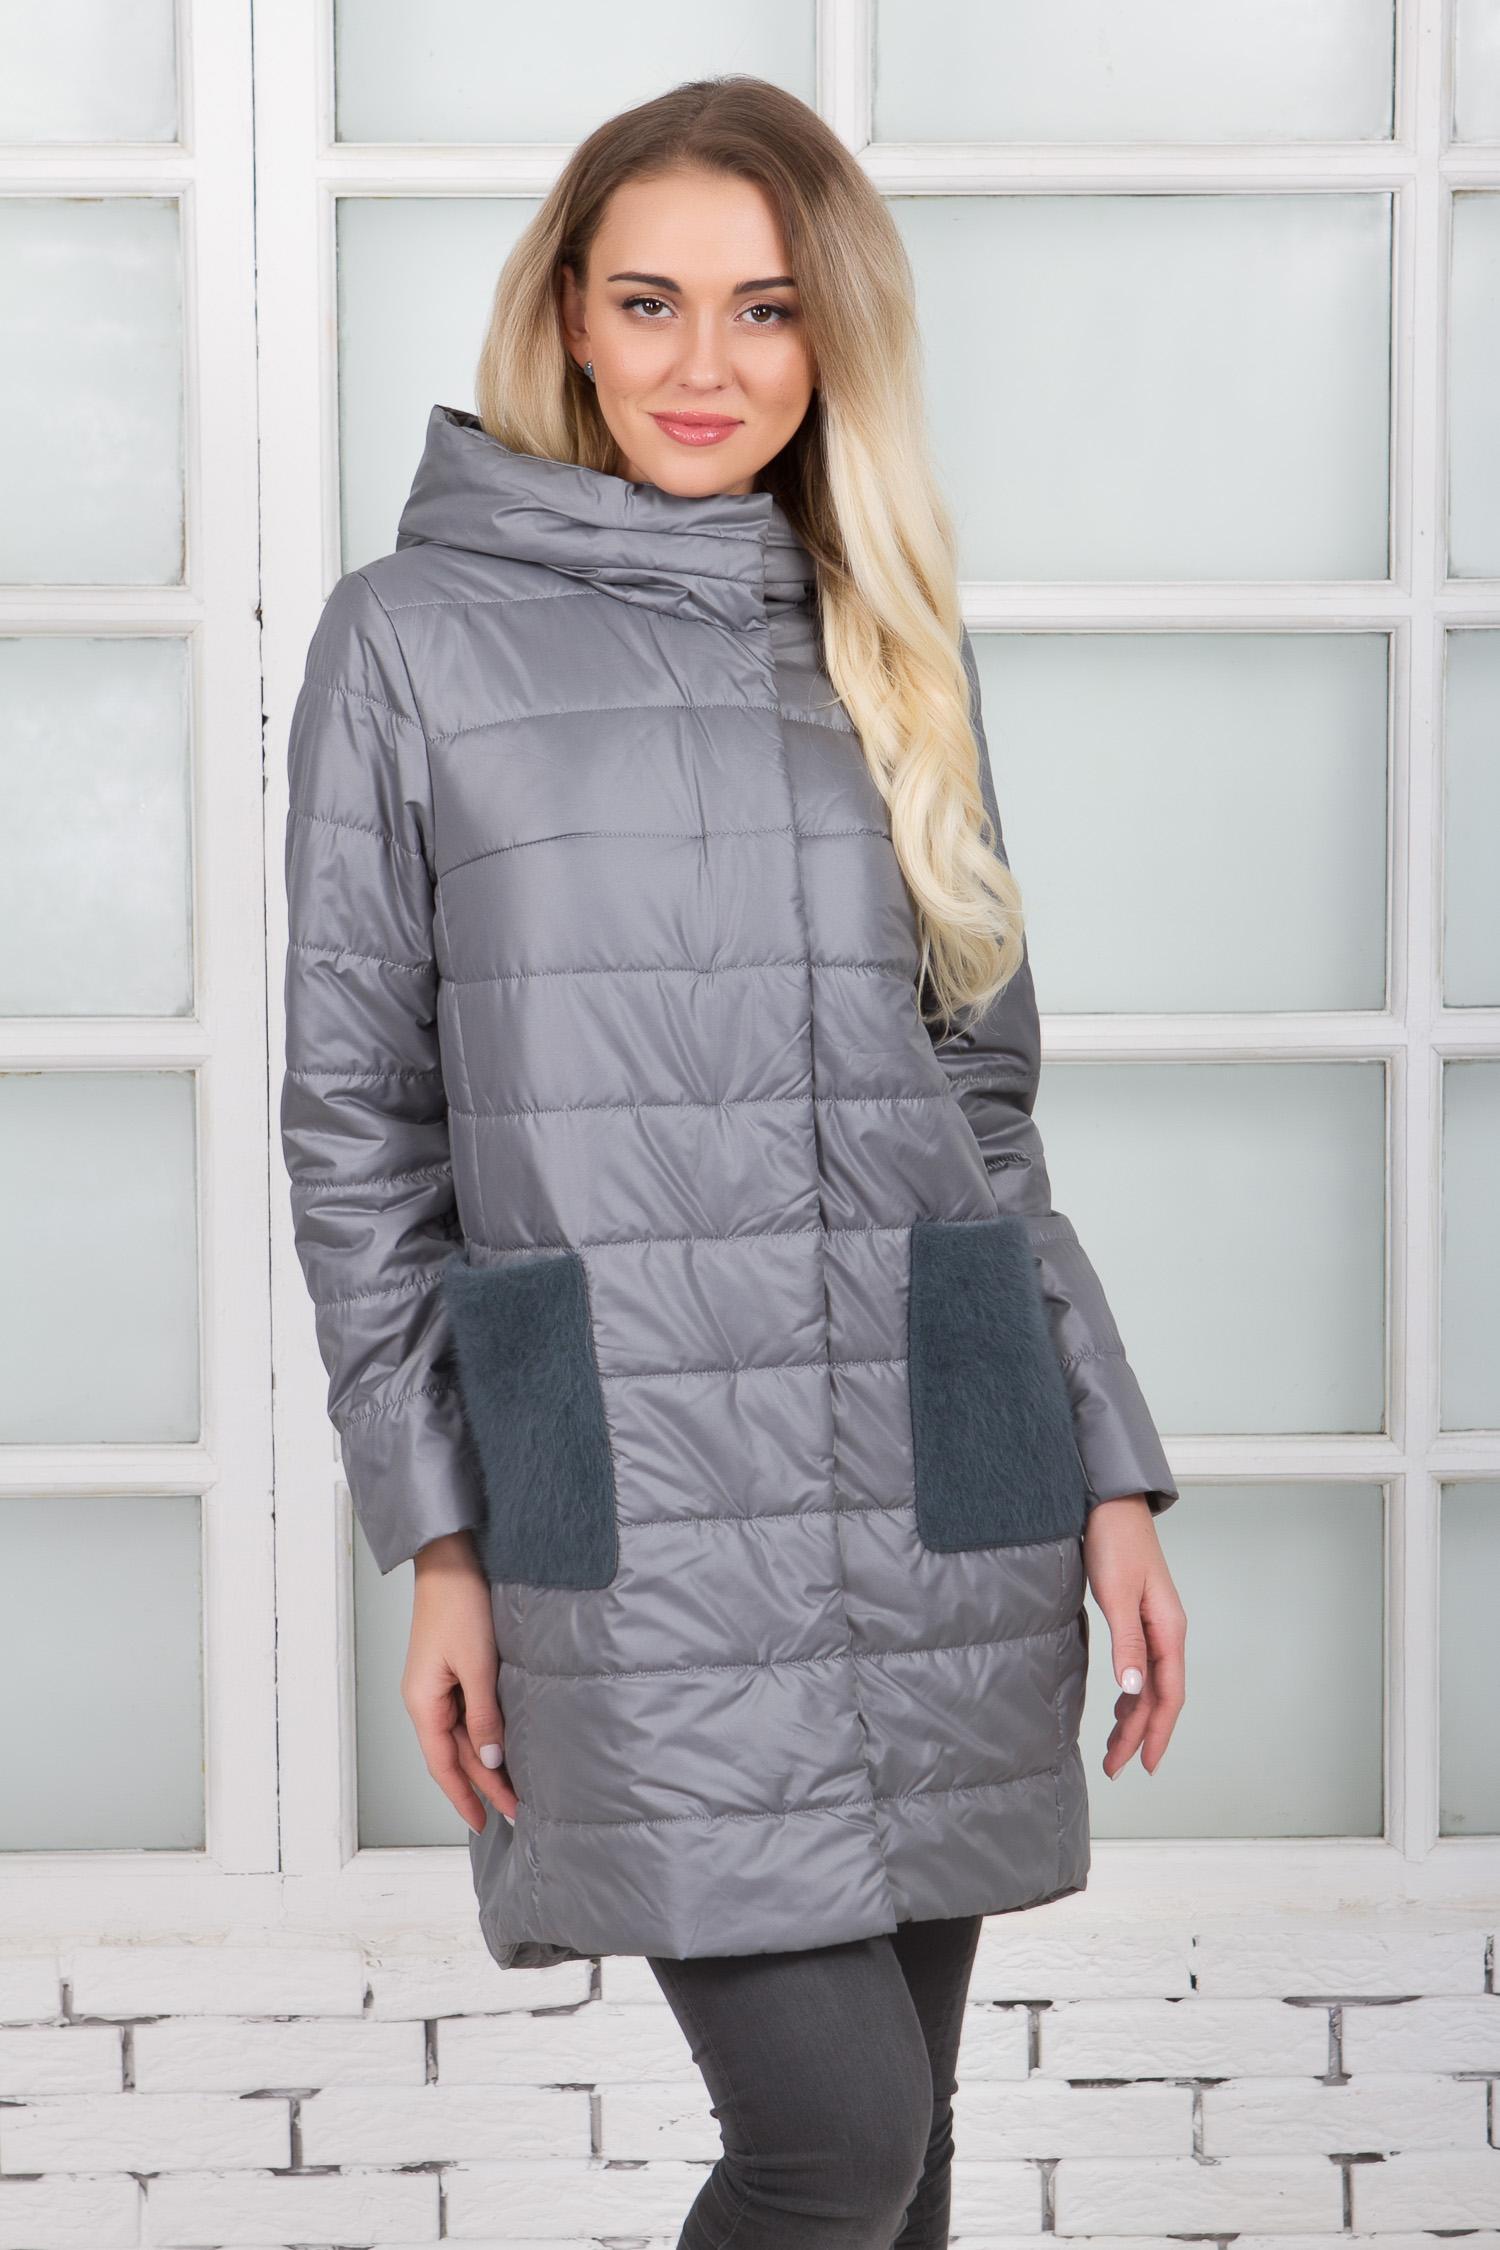 Купить Женское пальто из текстиля с капюшоном, отделка шерсть, МОСМЕХА, серый, Текстиль, 1000424